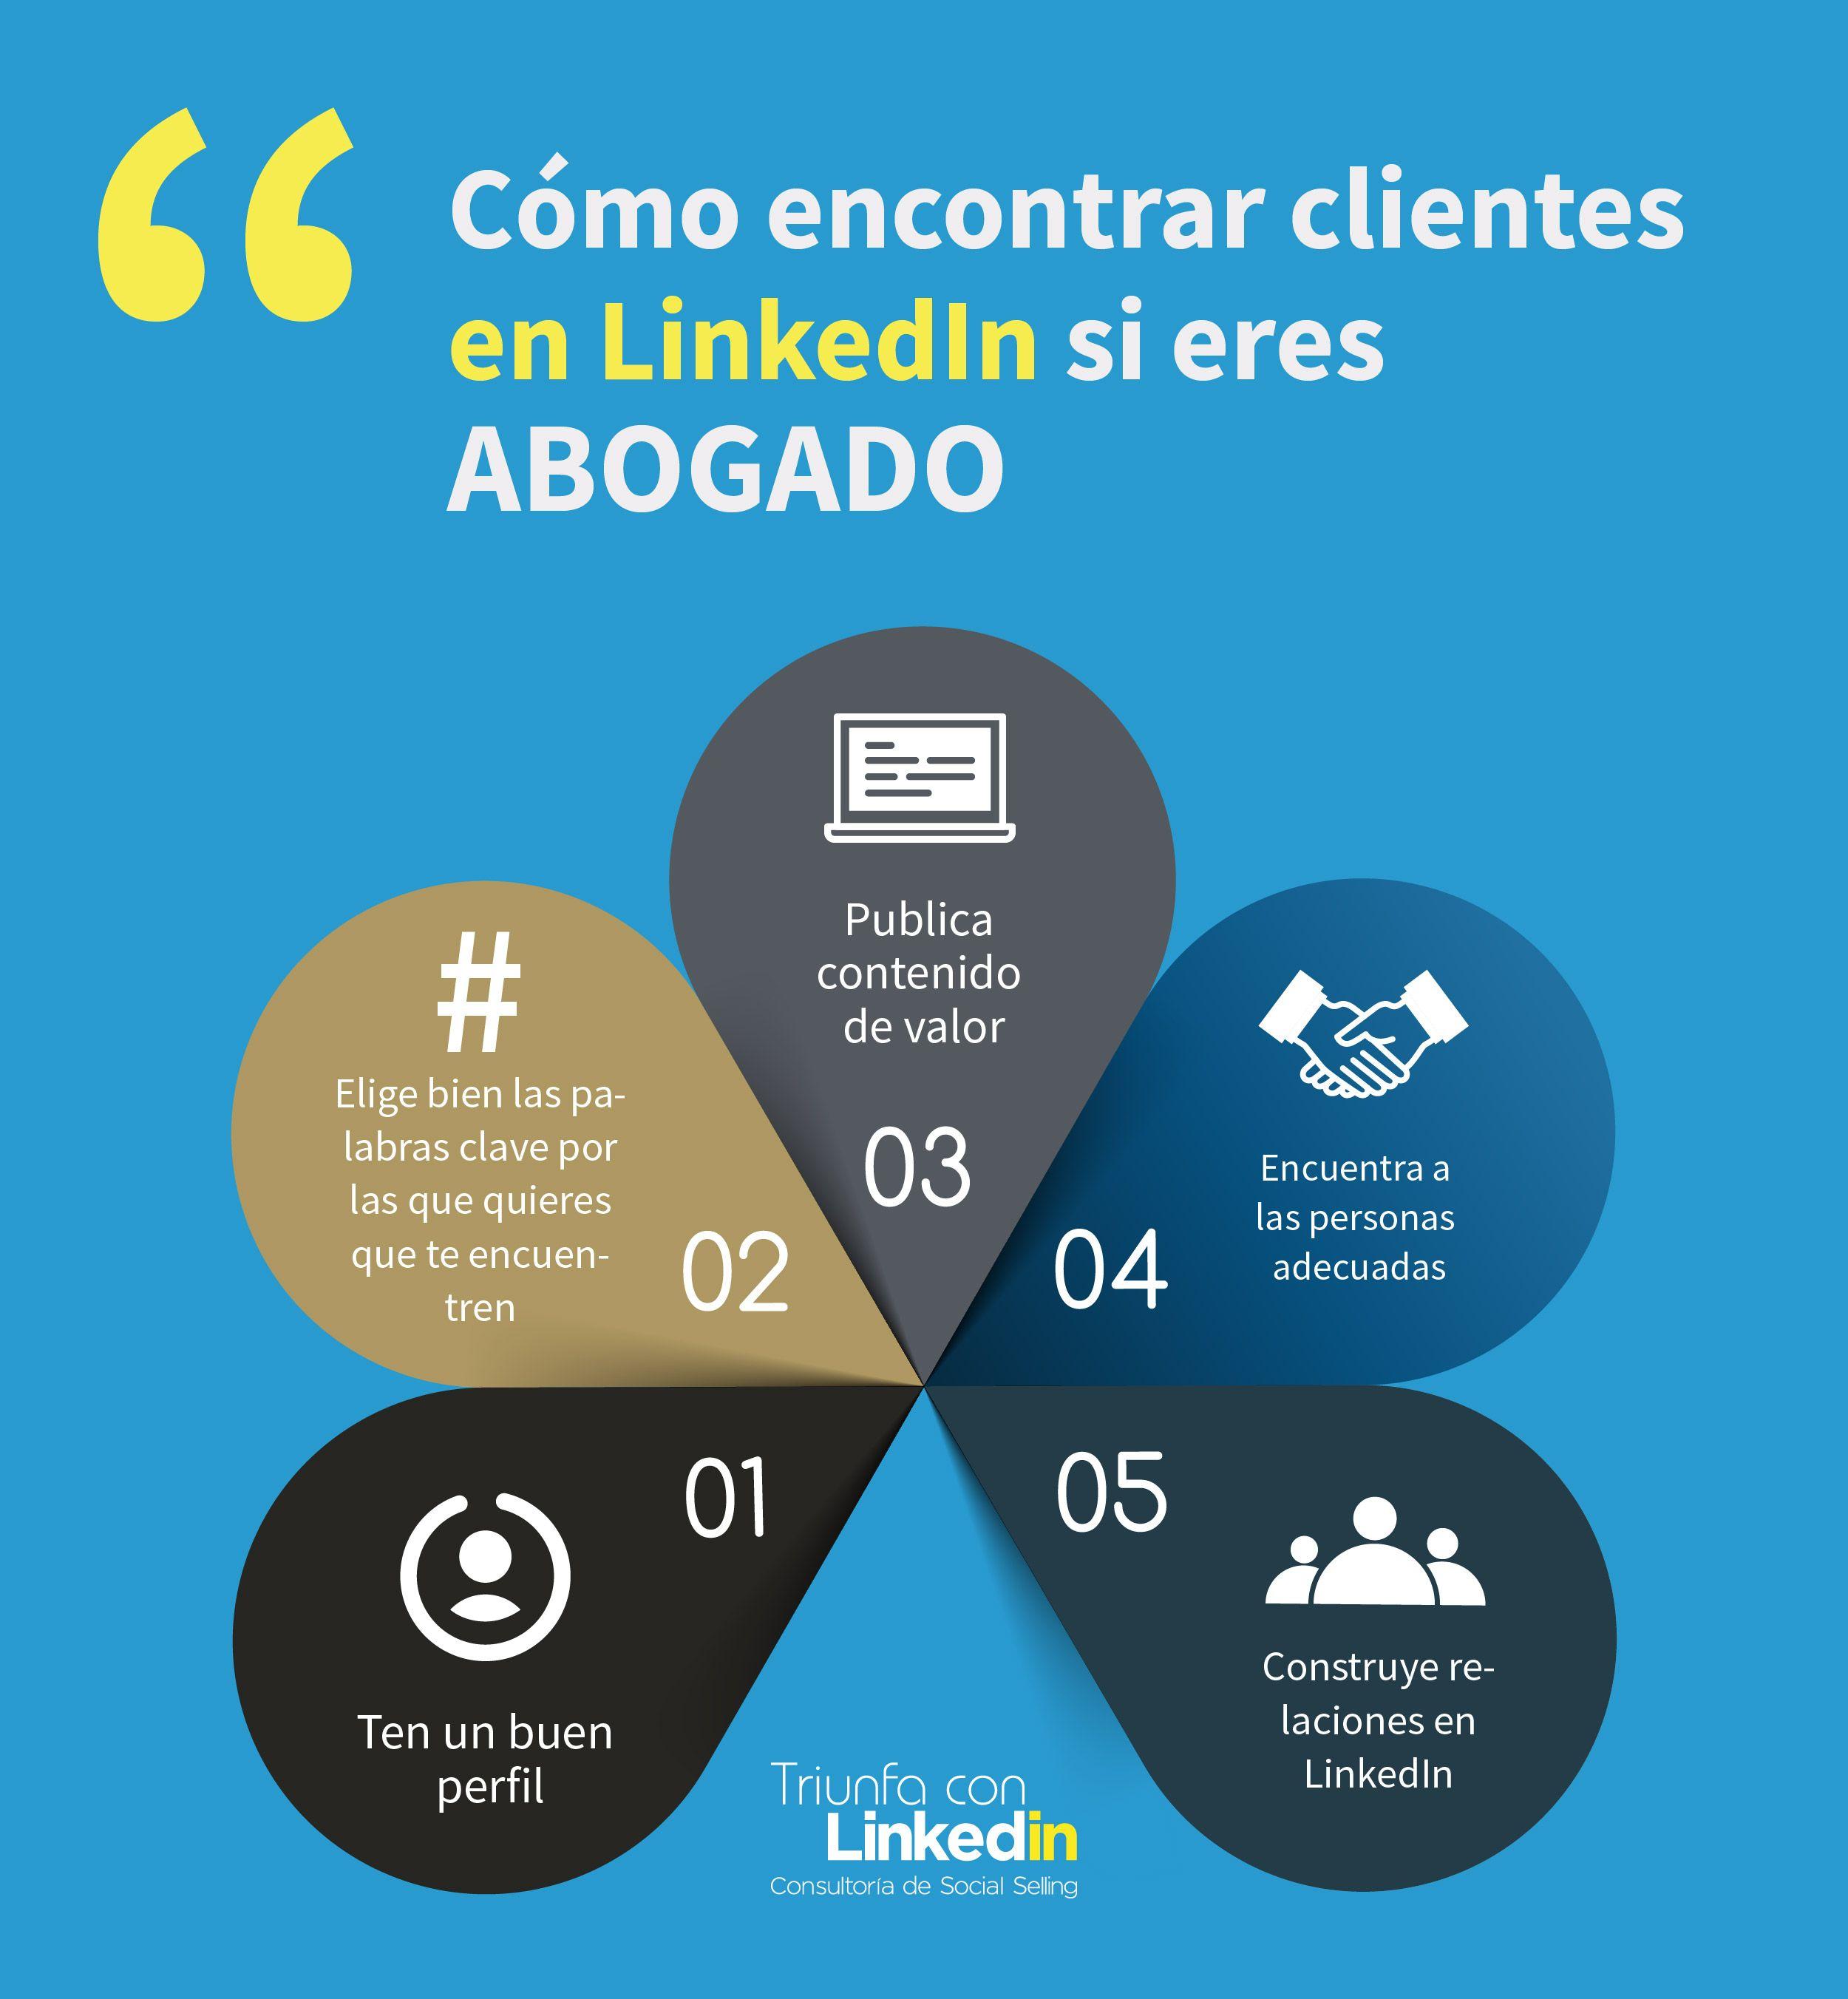 Cómo encontrar clientes en LinkedIn si eres abogado - Infografía